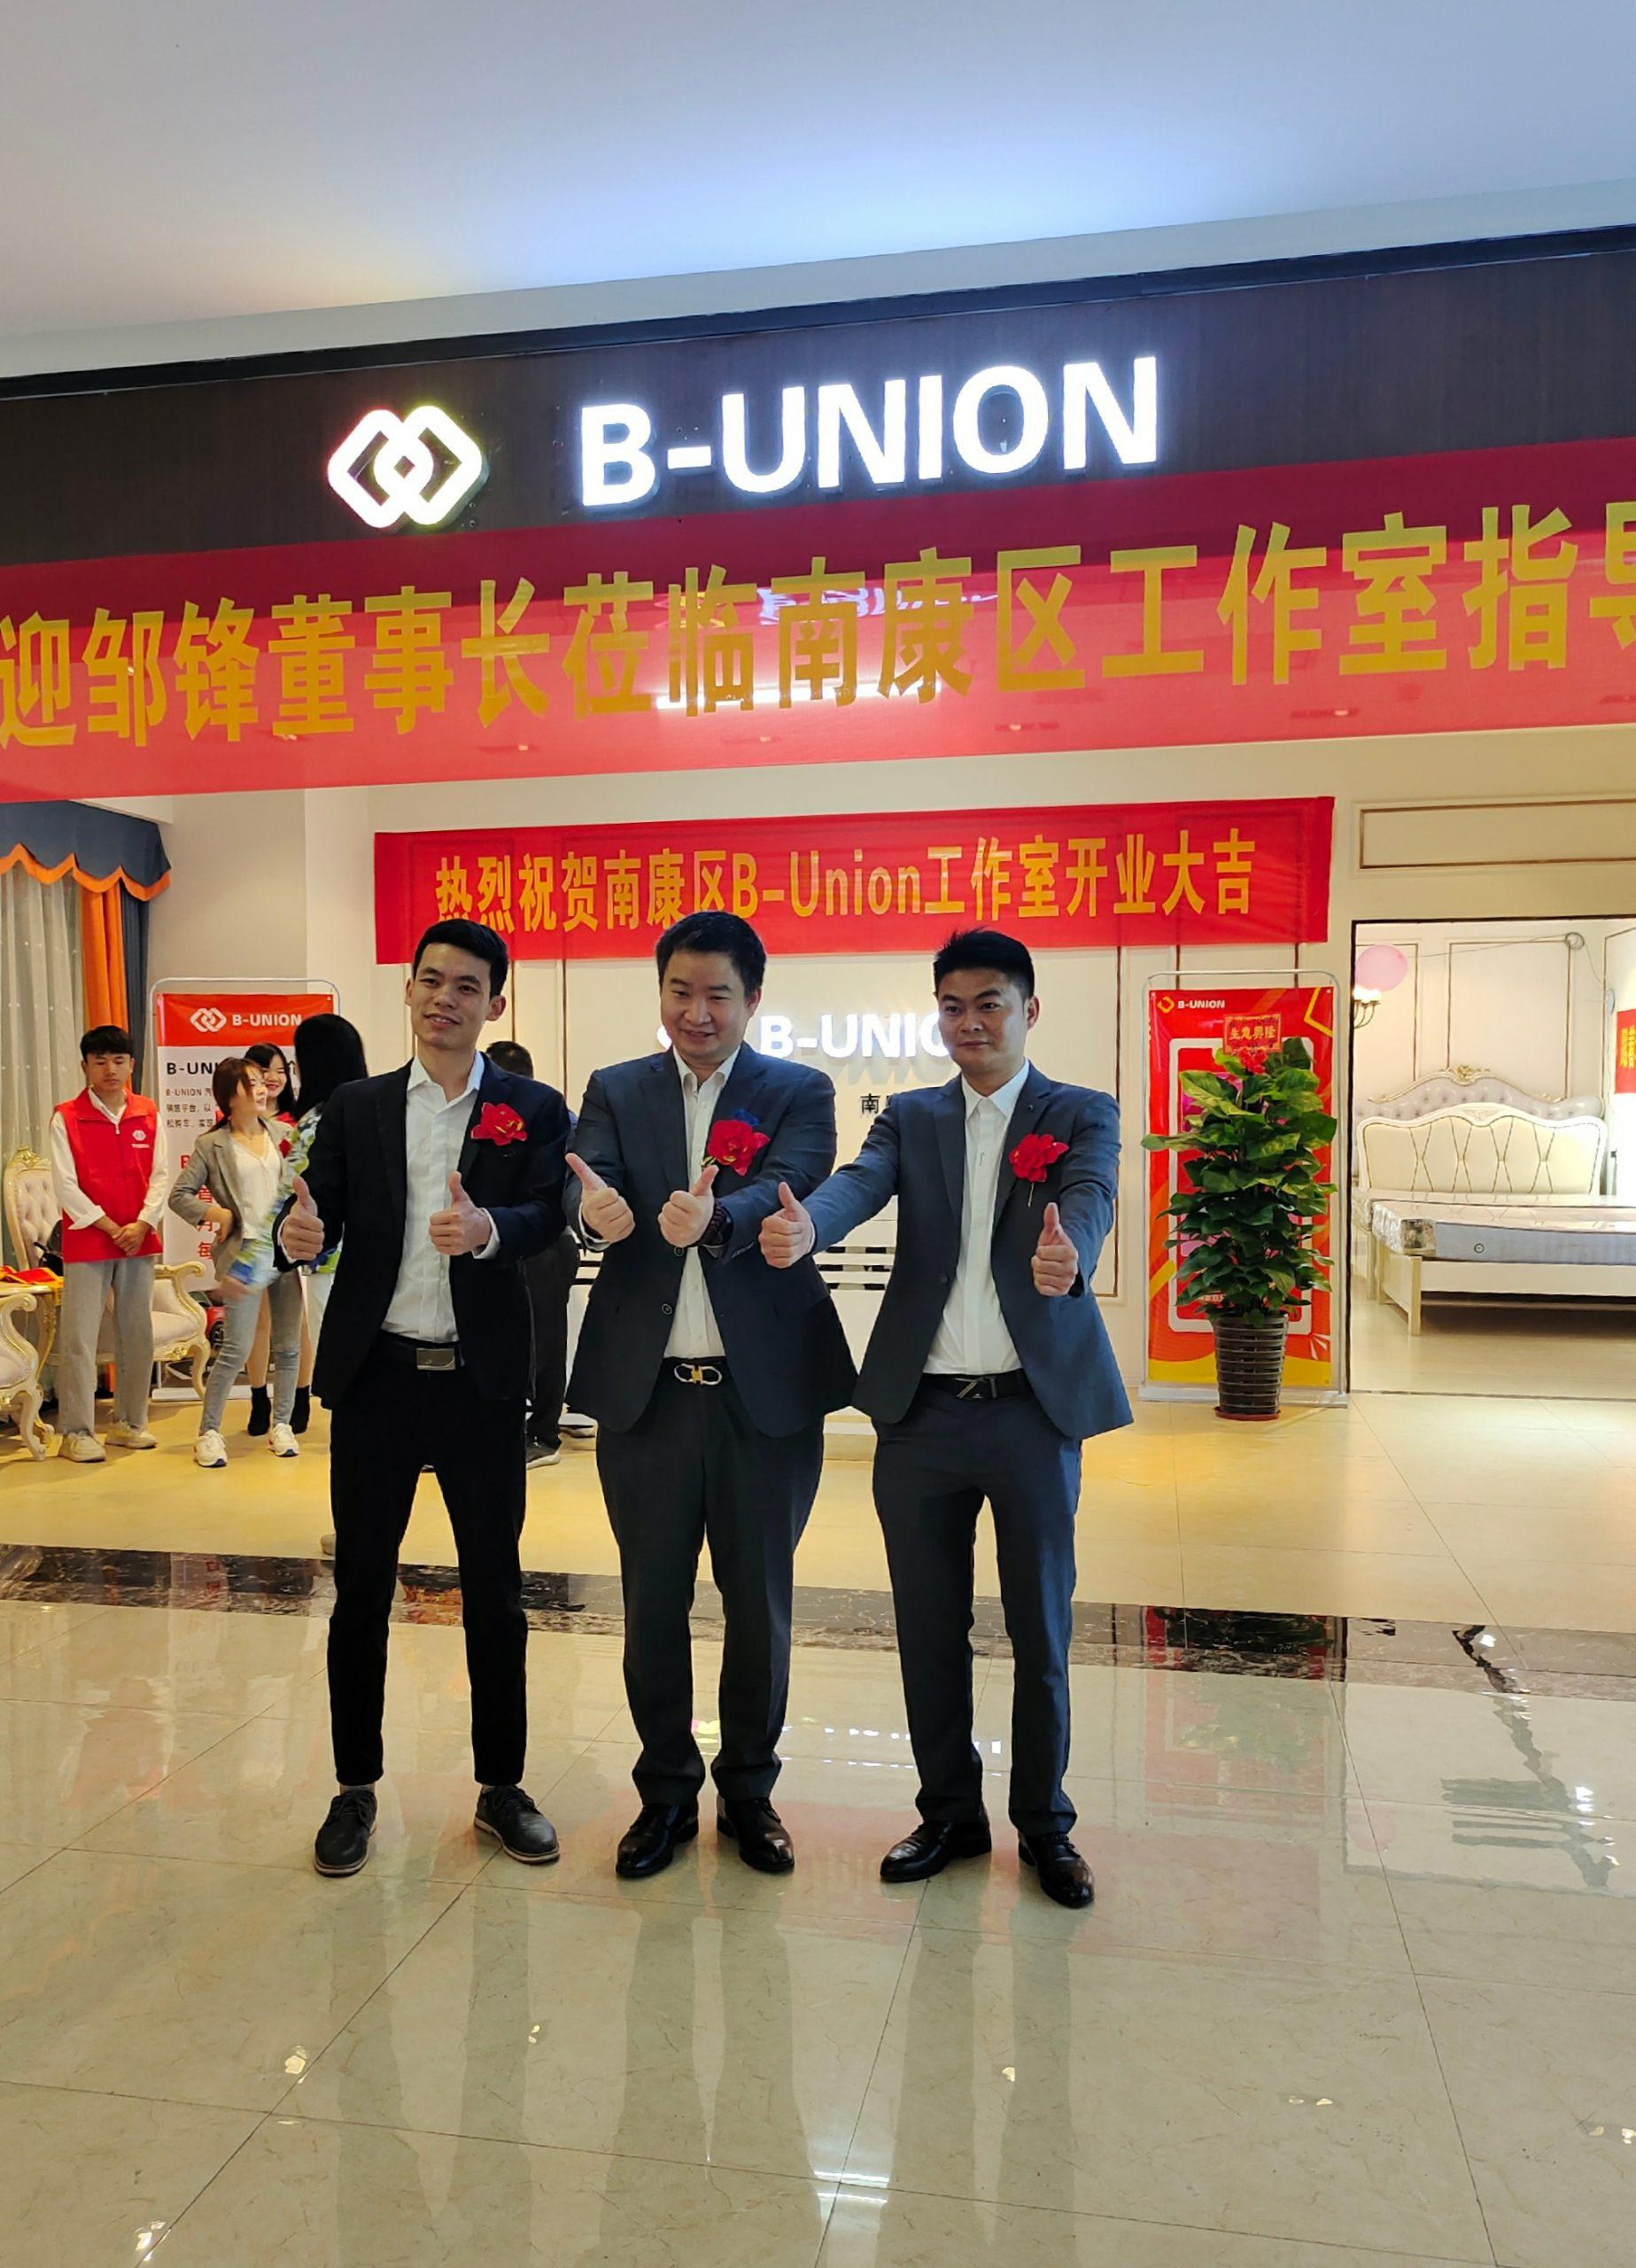 江西省赣州市南康区B-Union工作室开业啦~插图10